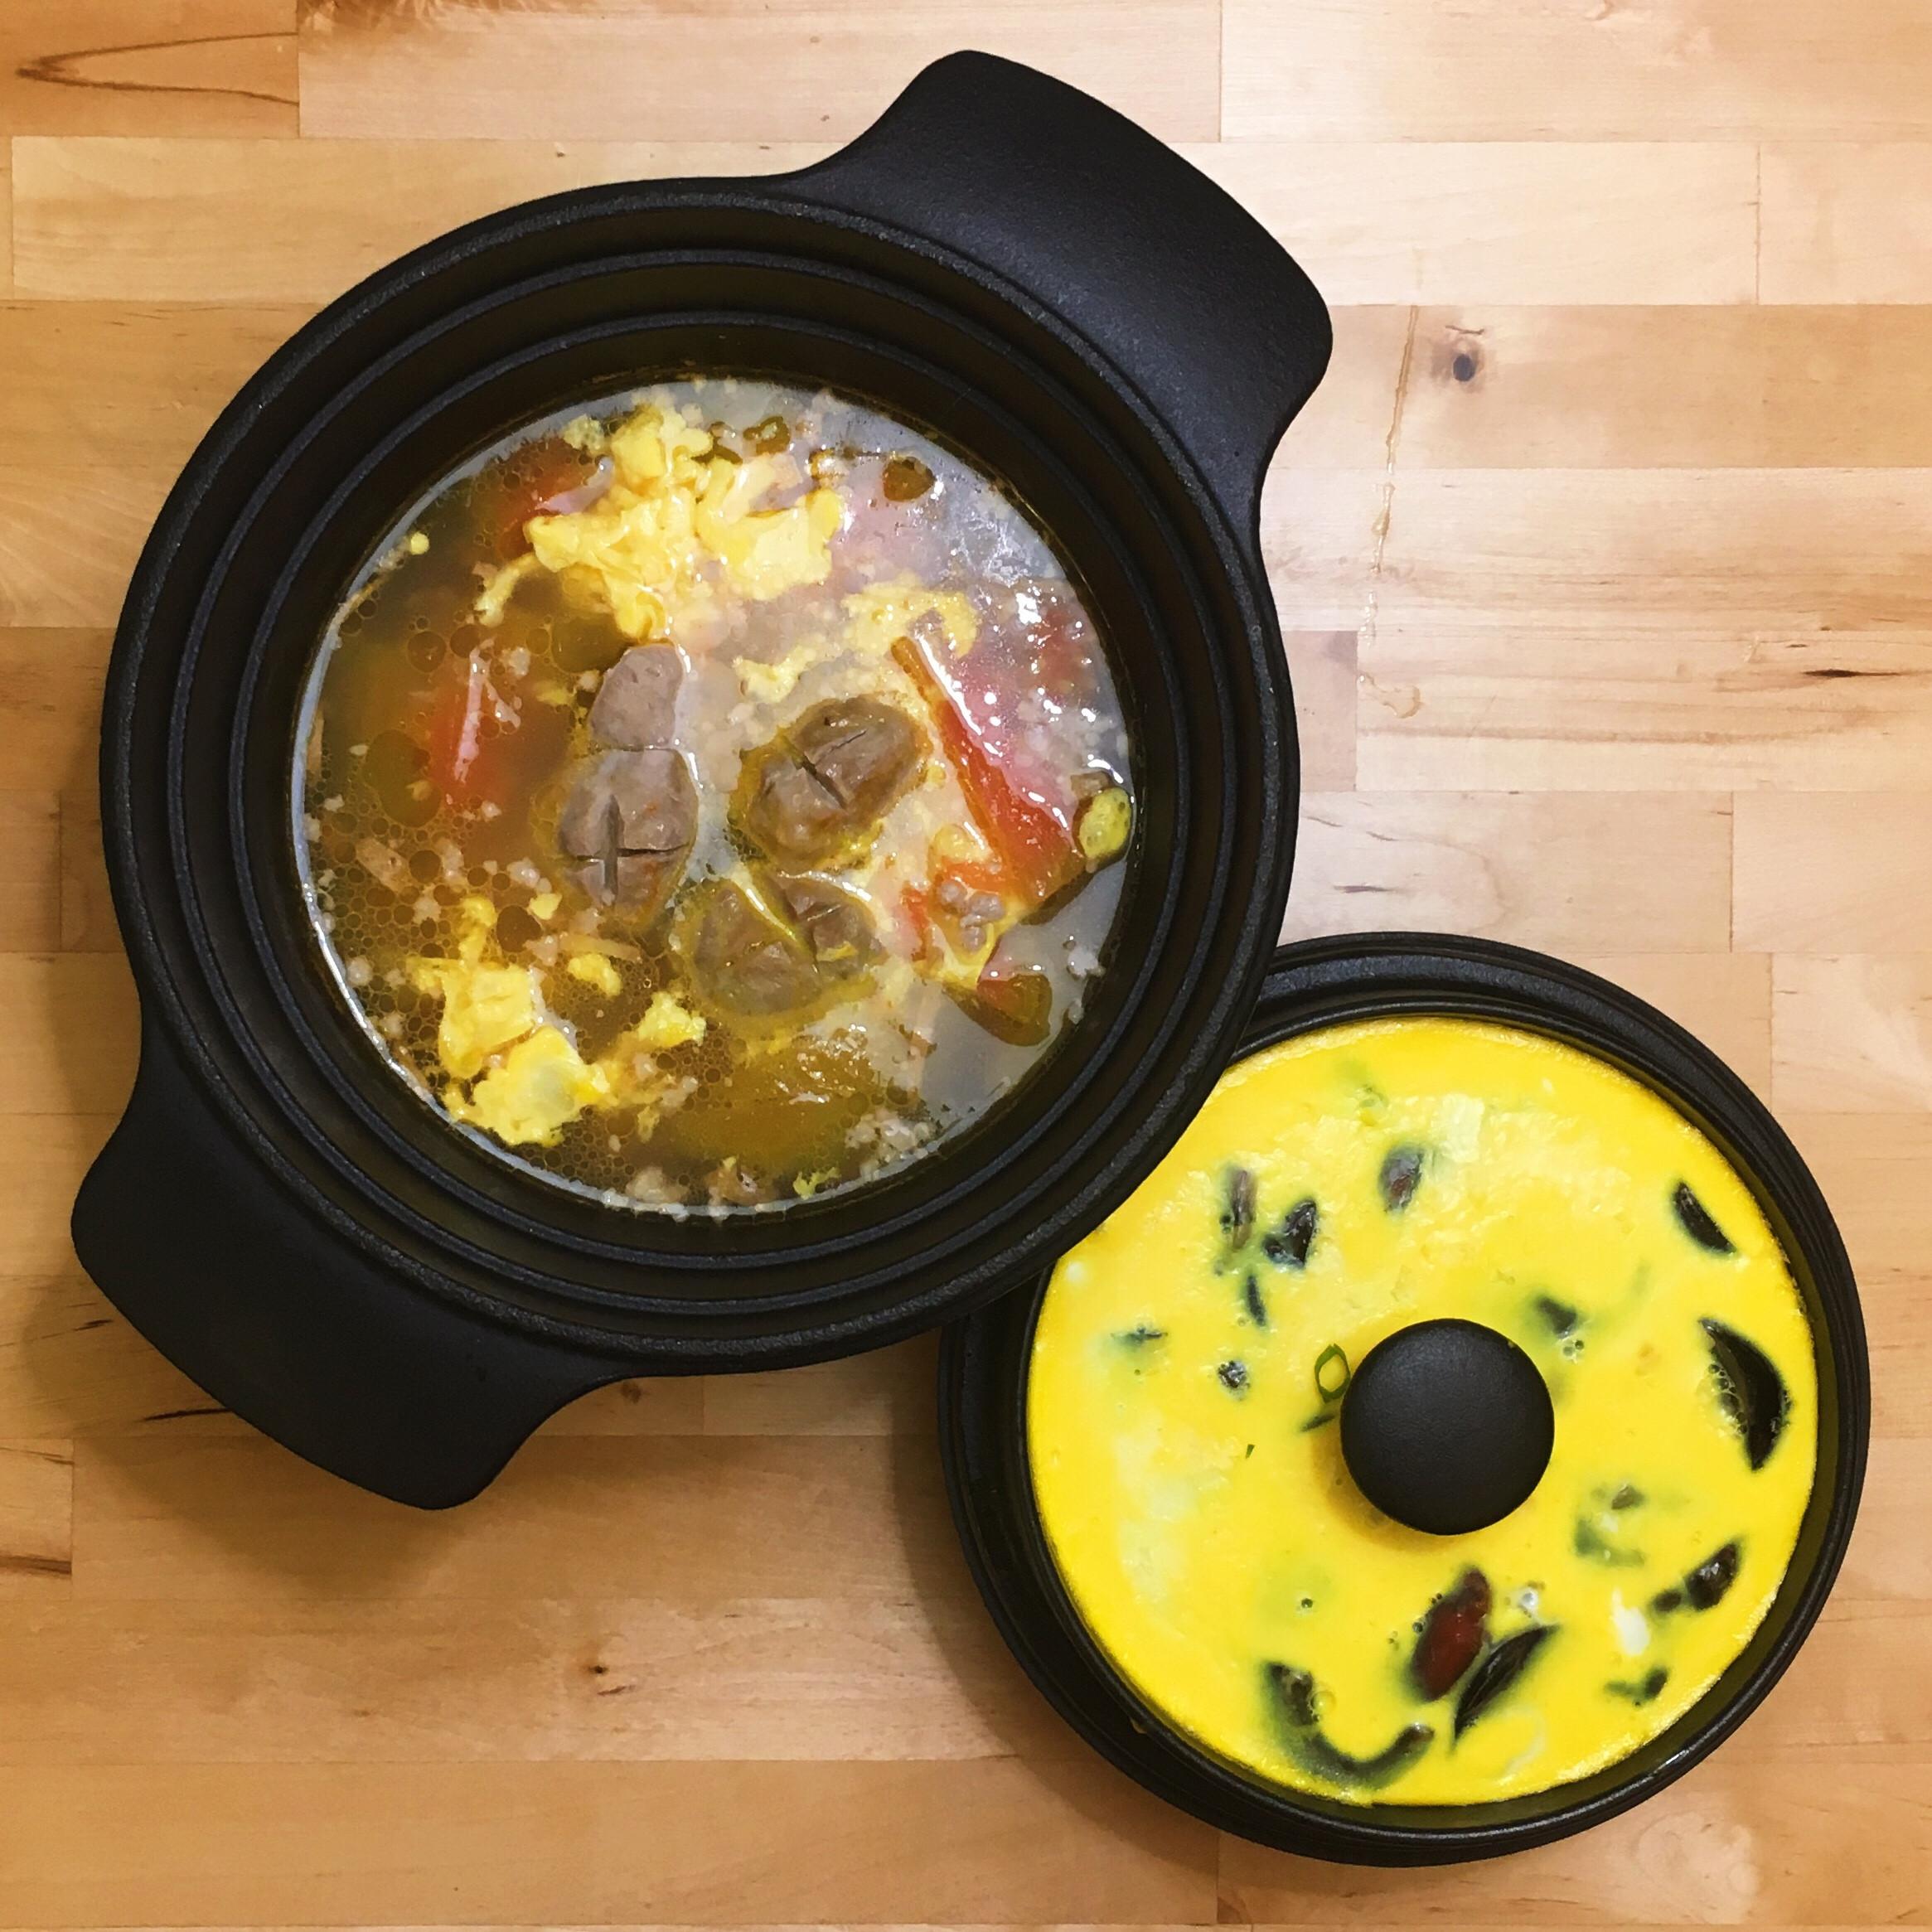 蕃茄蛋花湯+三色蒸蛋